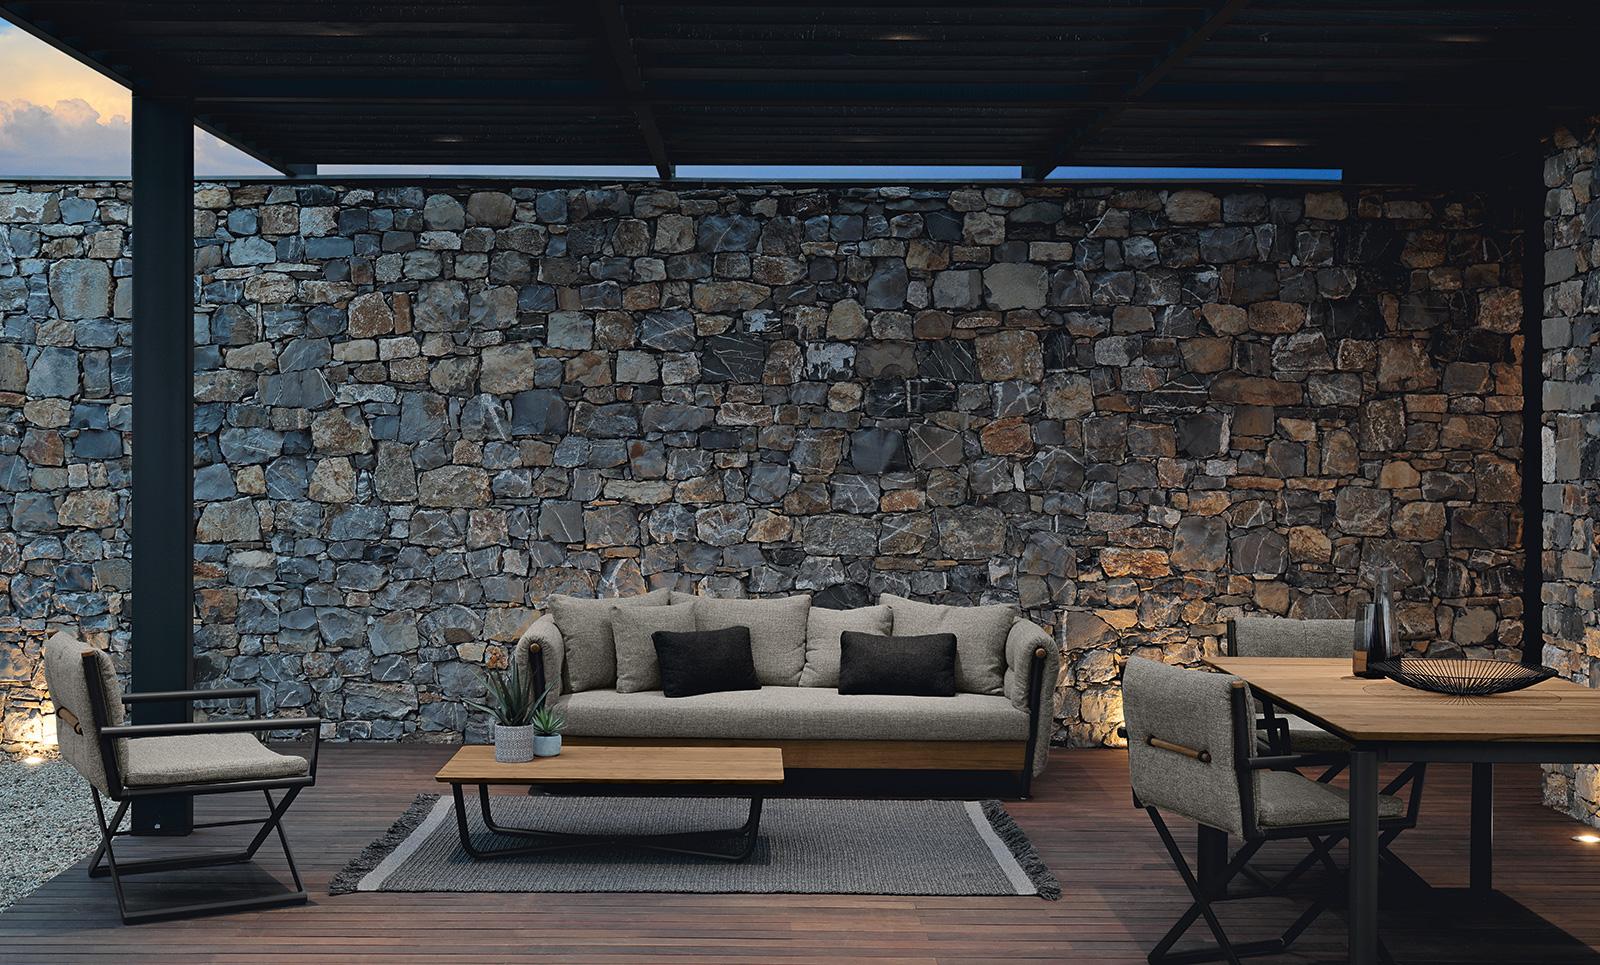 Canapé d'extérieur 3 places. Meubles design et modernes pour le jardin. Achetez en ligne nos salons de jardin haut de gamme made in Italy. Livraison gratuite.